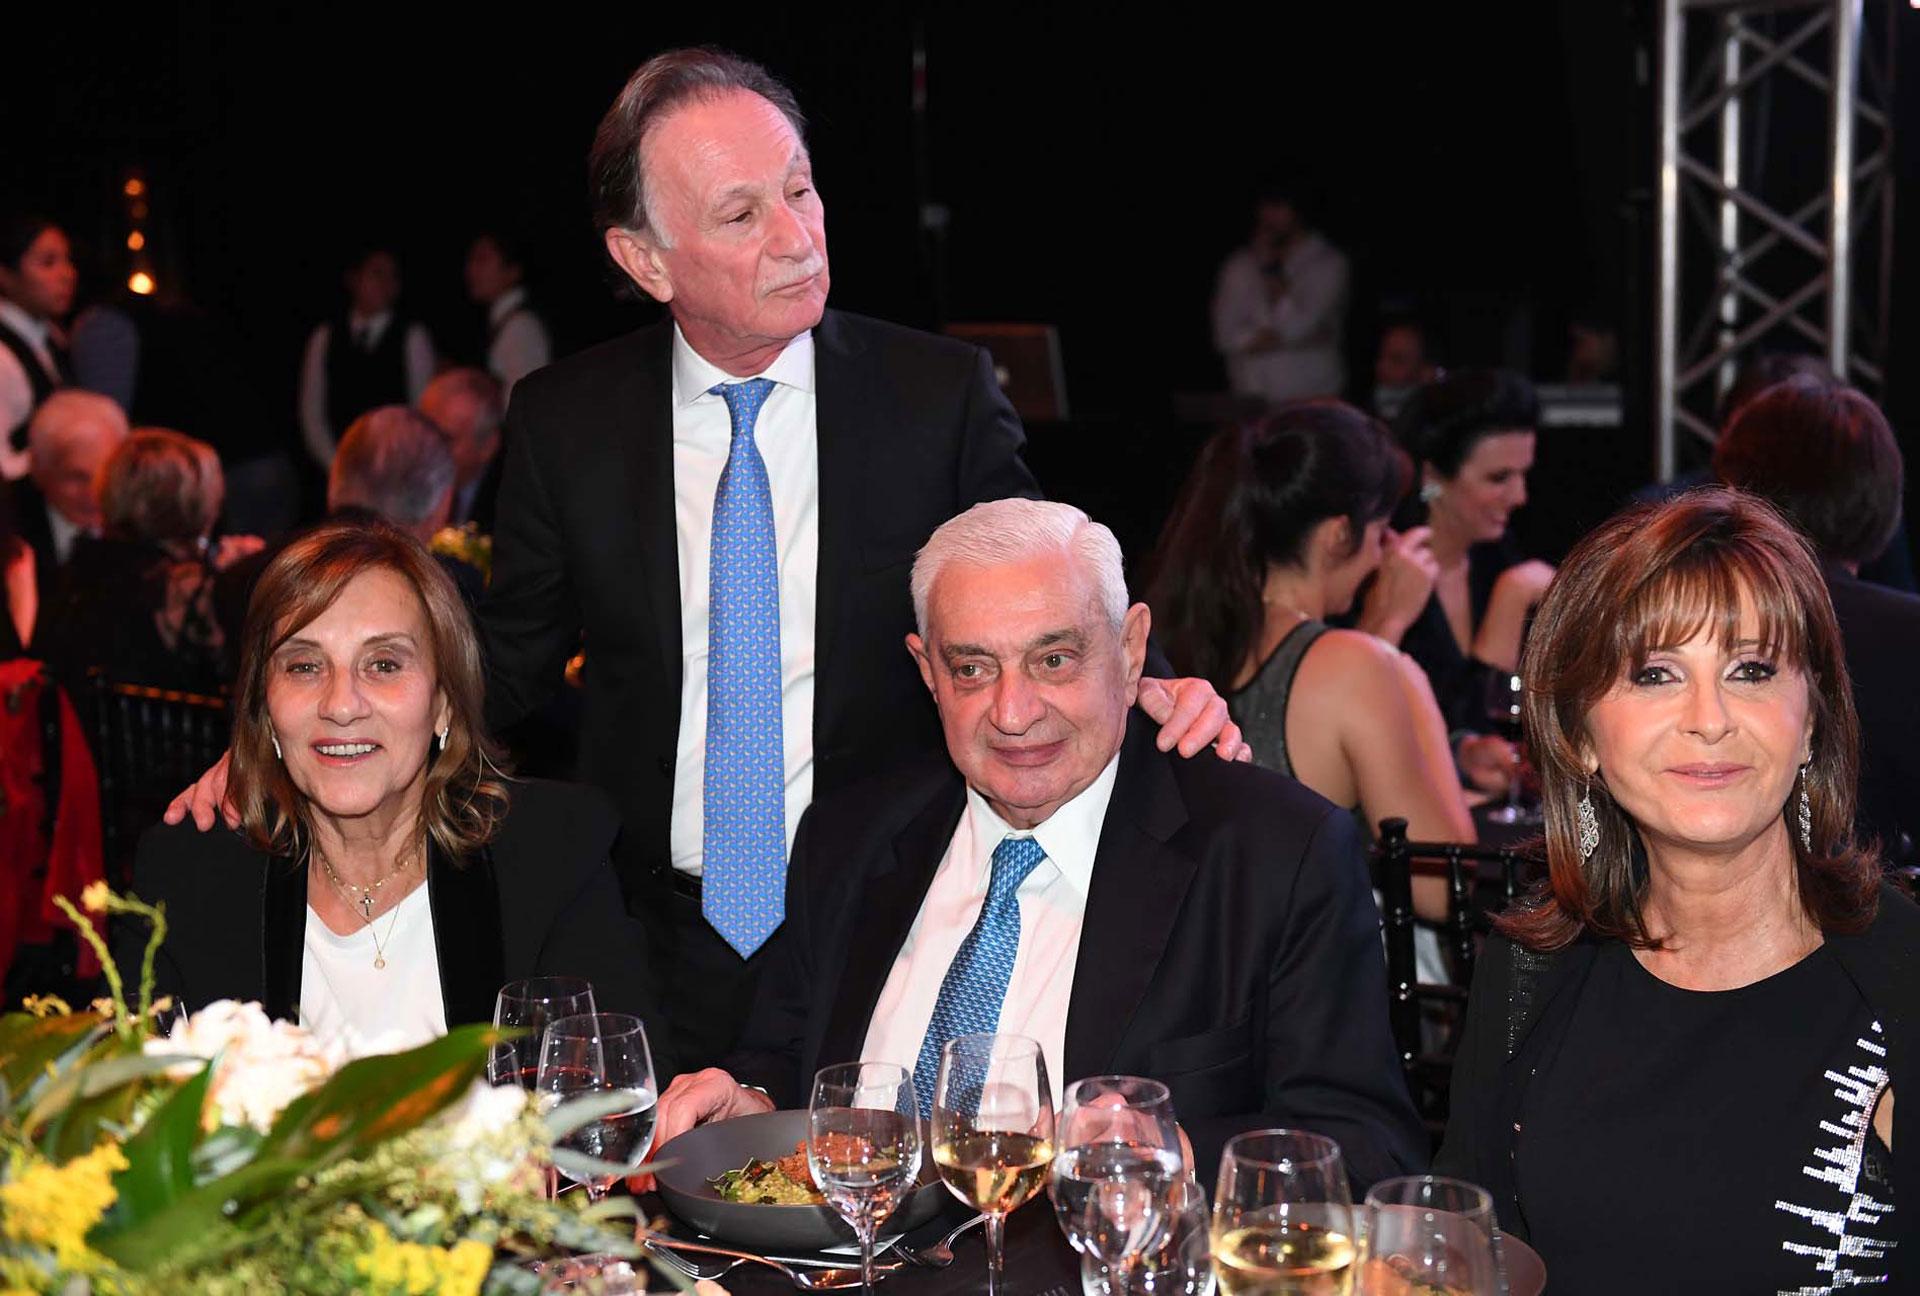 El presidente de la Bolsa de Comercio de Buenos Aires, Adelmo Gabbi y su mujer, junto a Gustavo Weiss y Myriam Levi